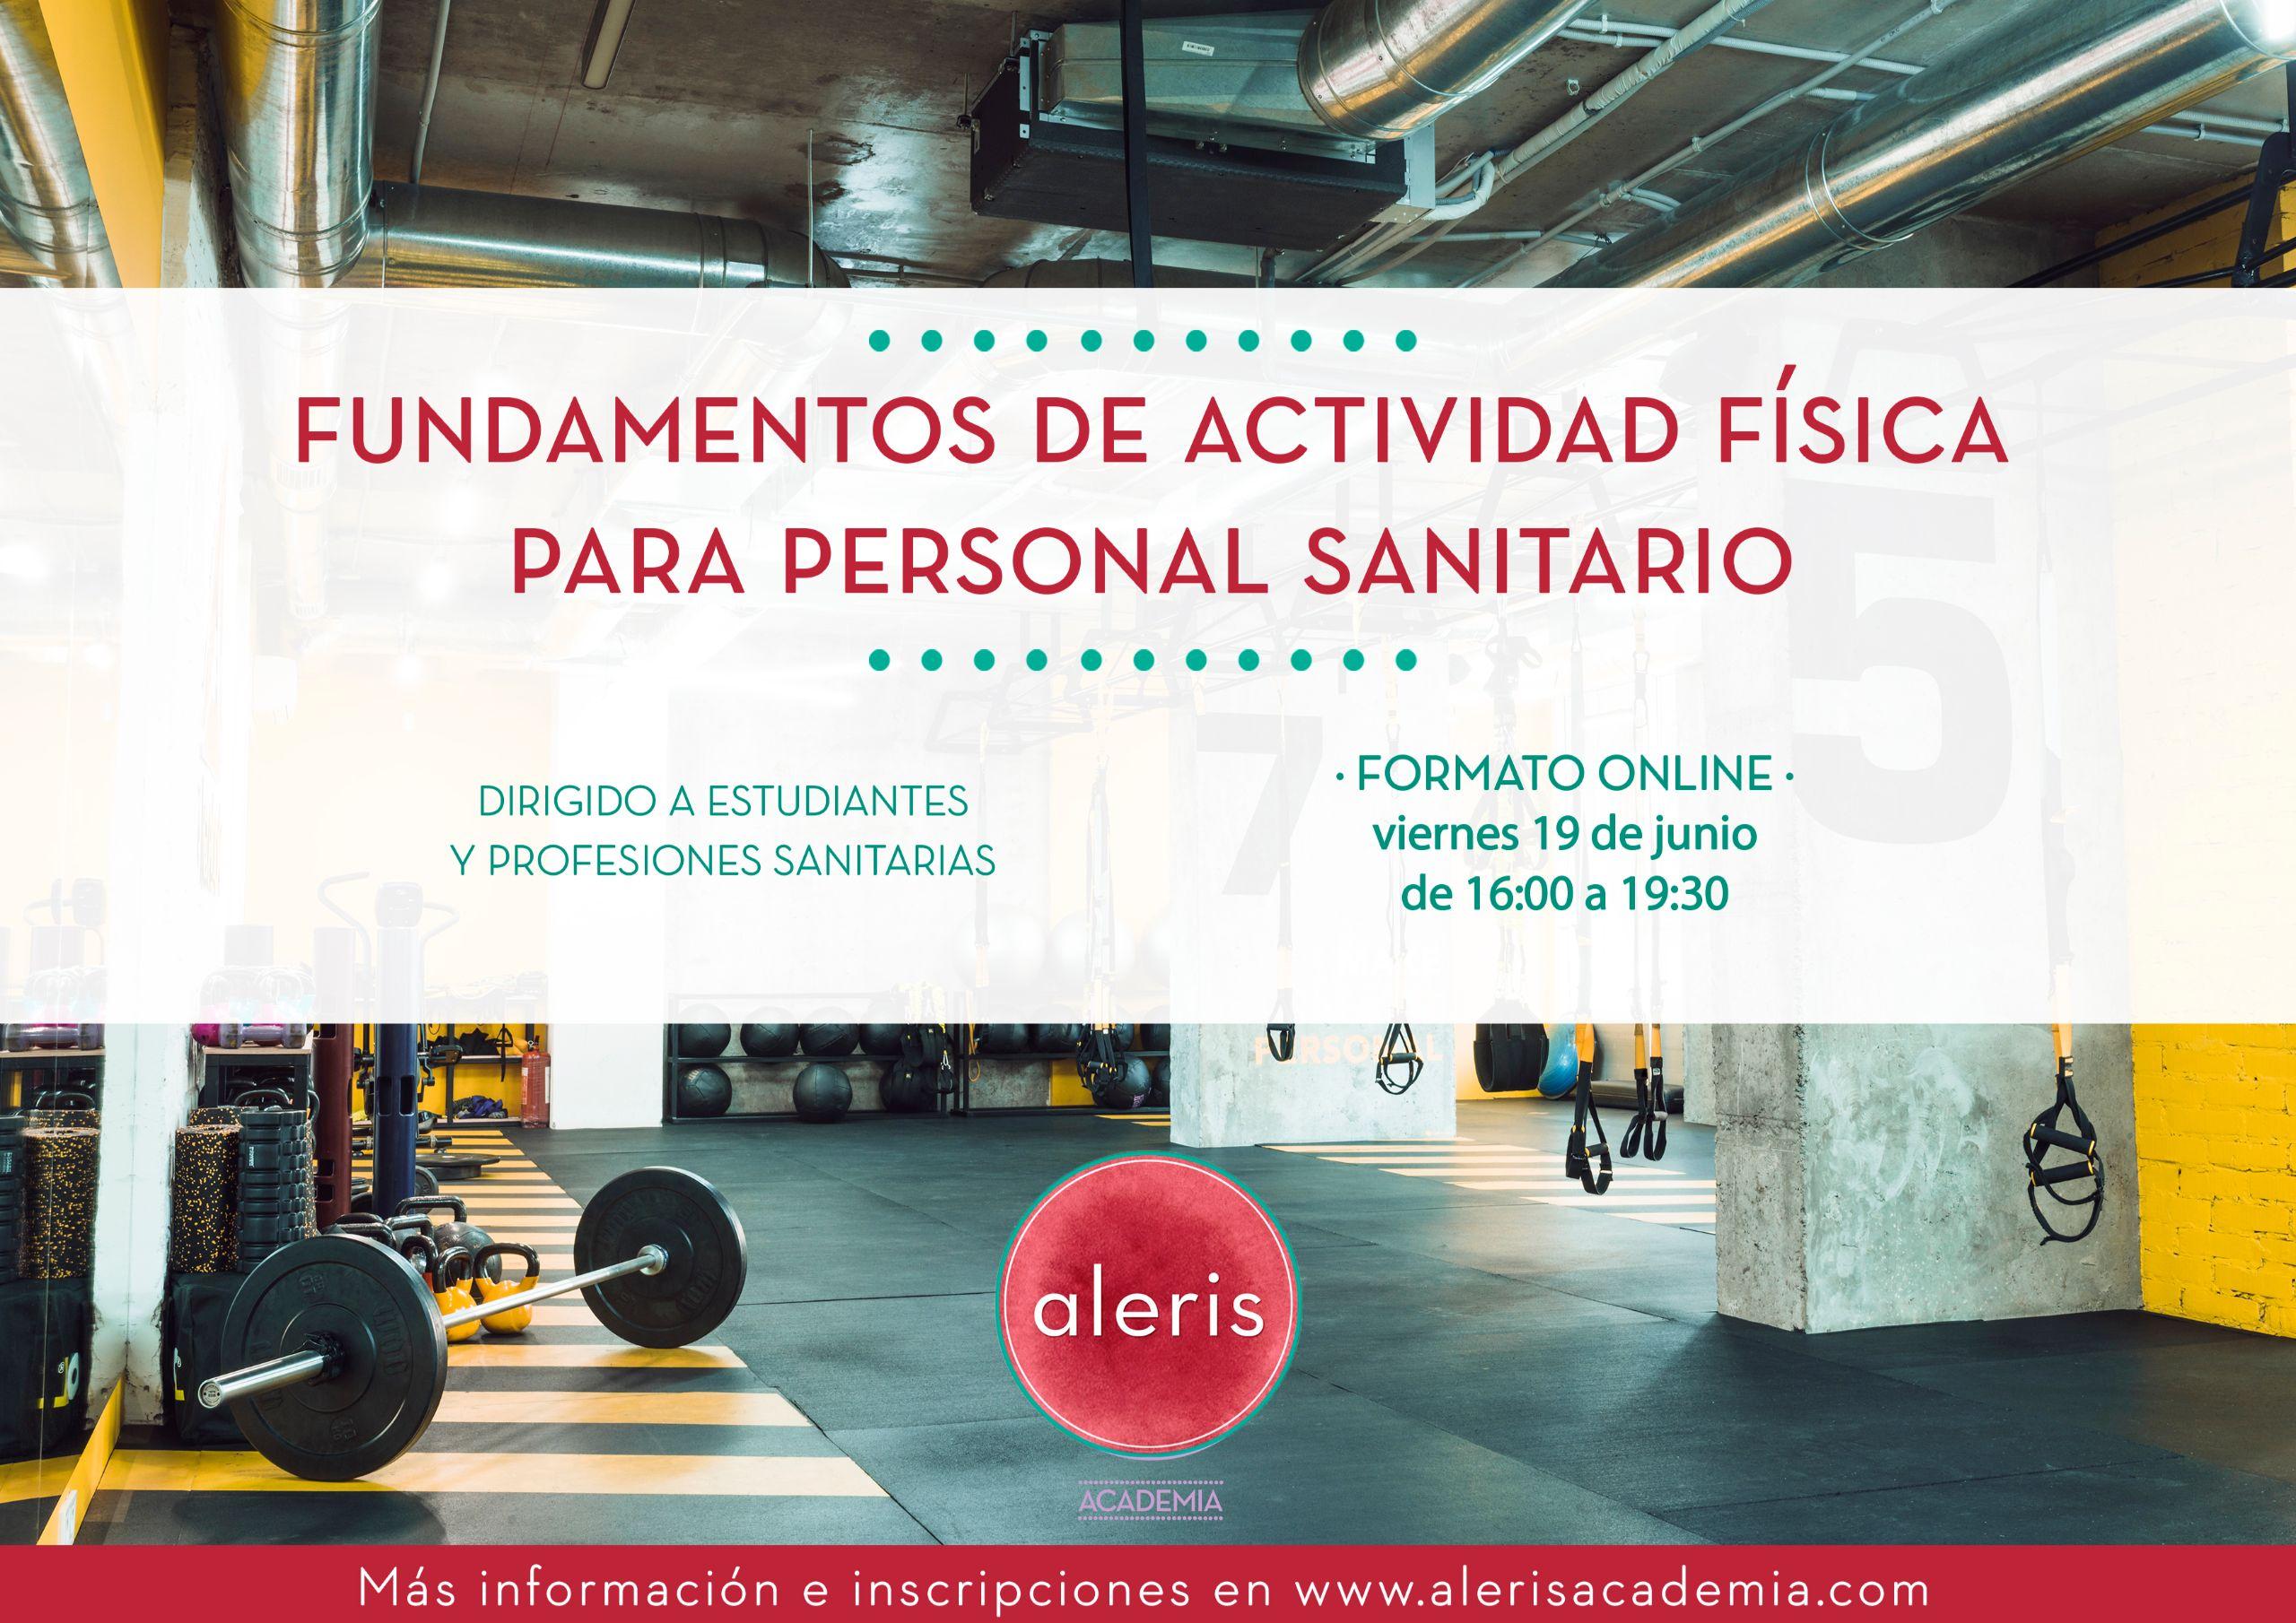 Fundamentos de actividad física para personal sanitario